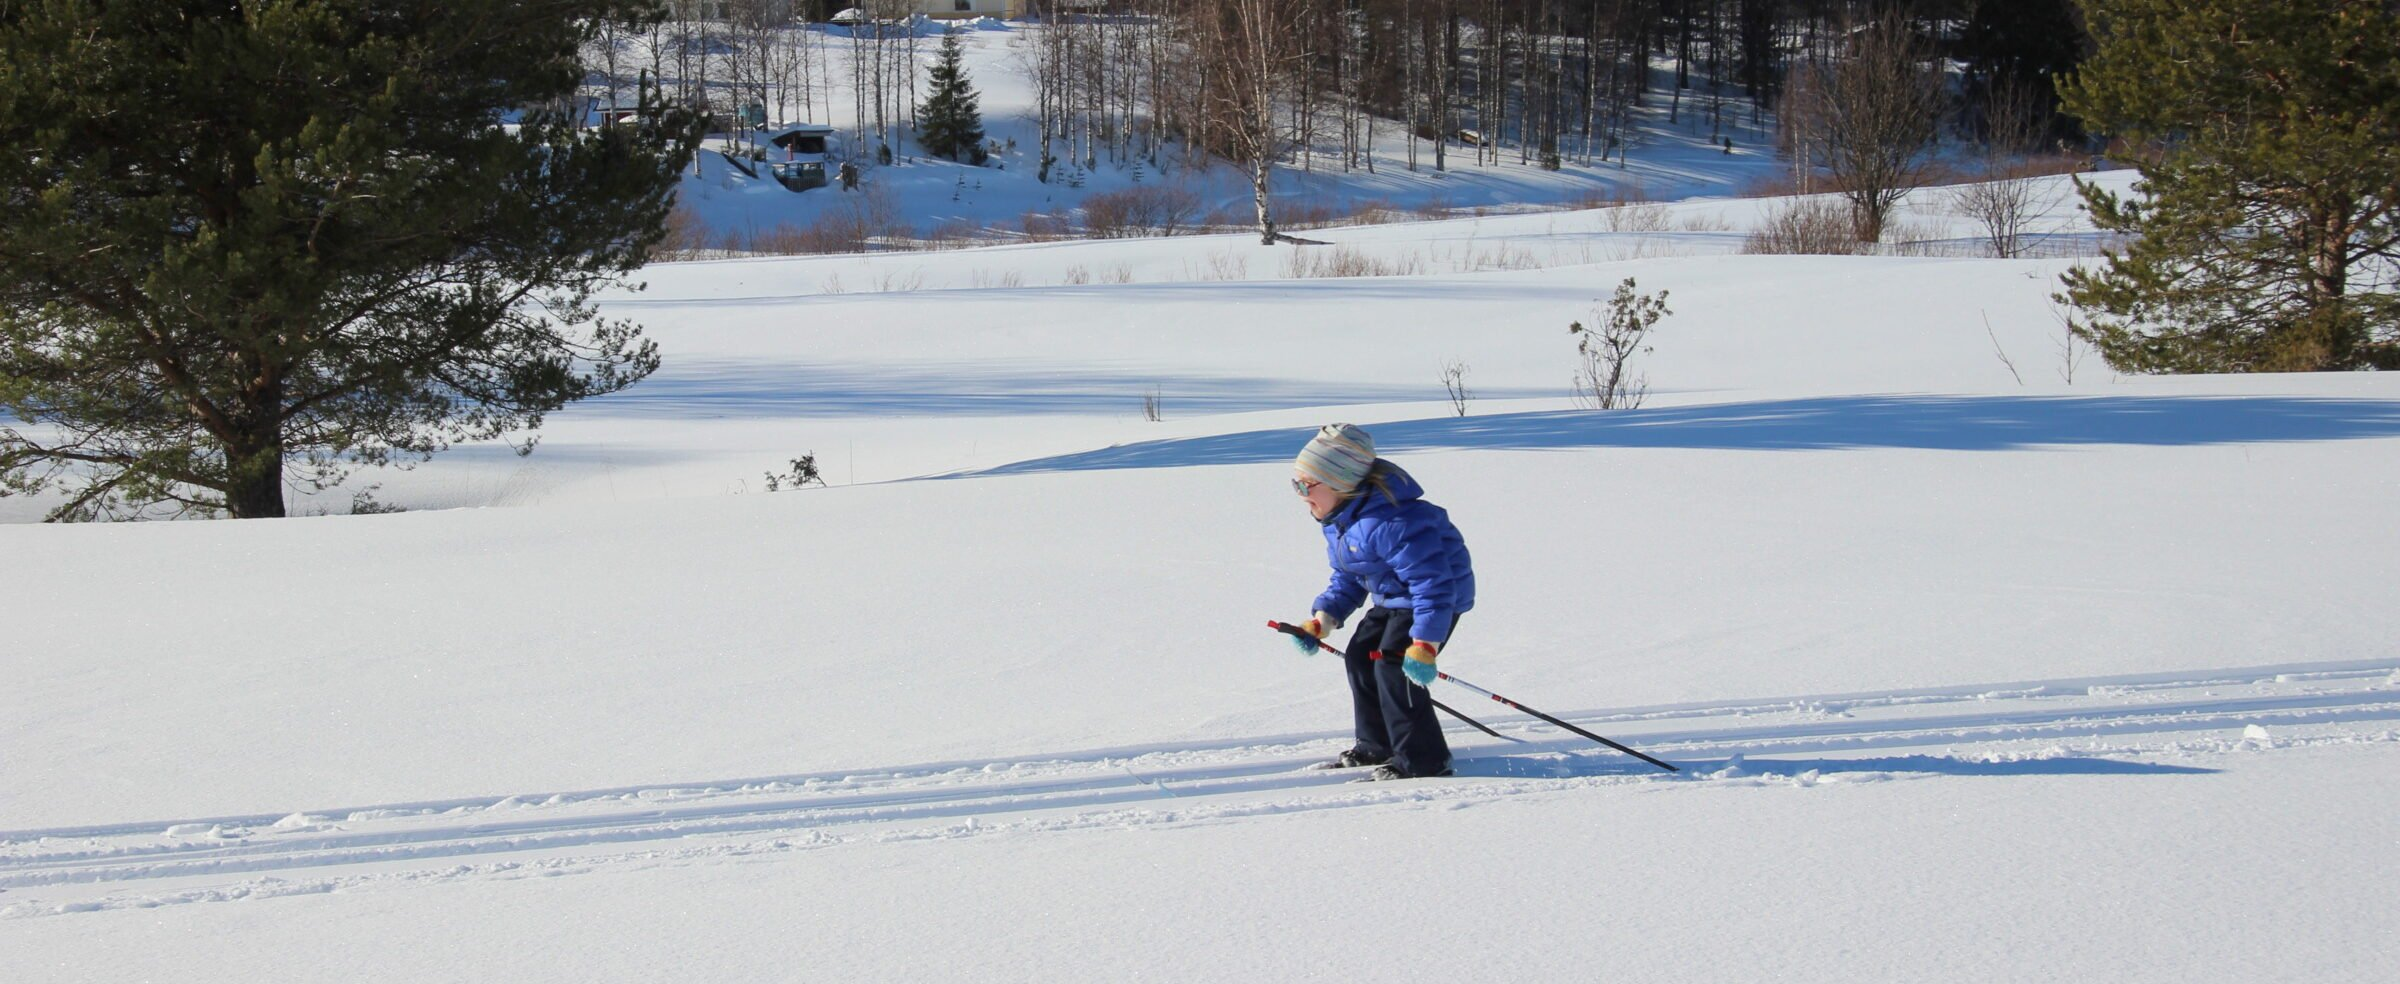 Hiihtäjä Pikkukuusisaaren ladulla Nivankylässä (c) Piia Juntunen-Laakso 2020